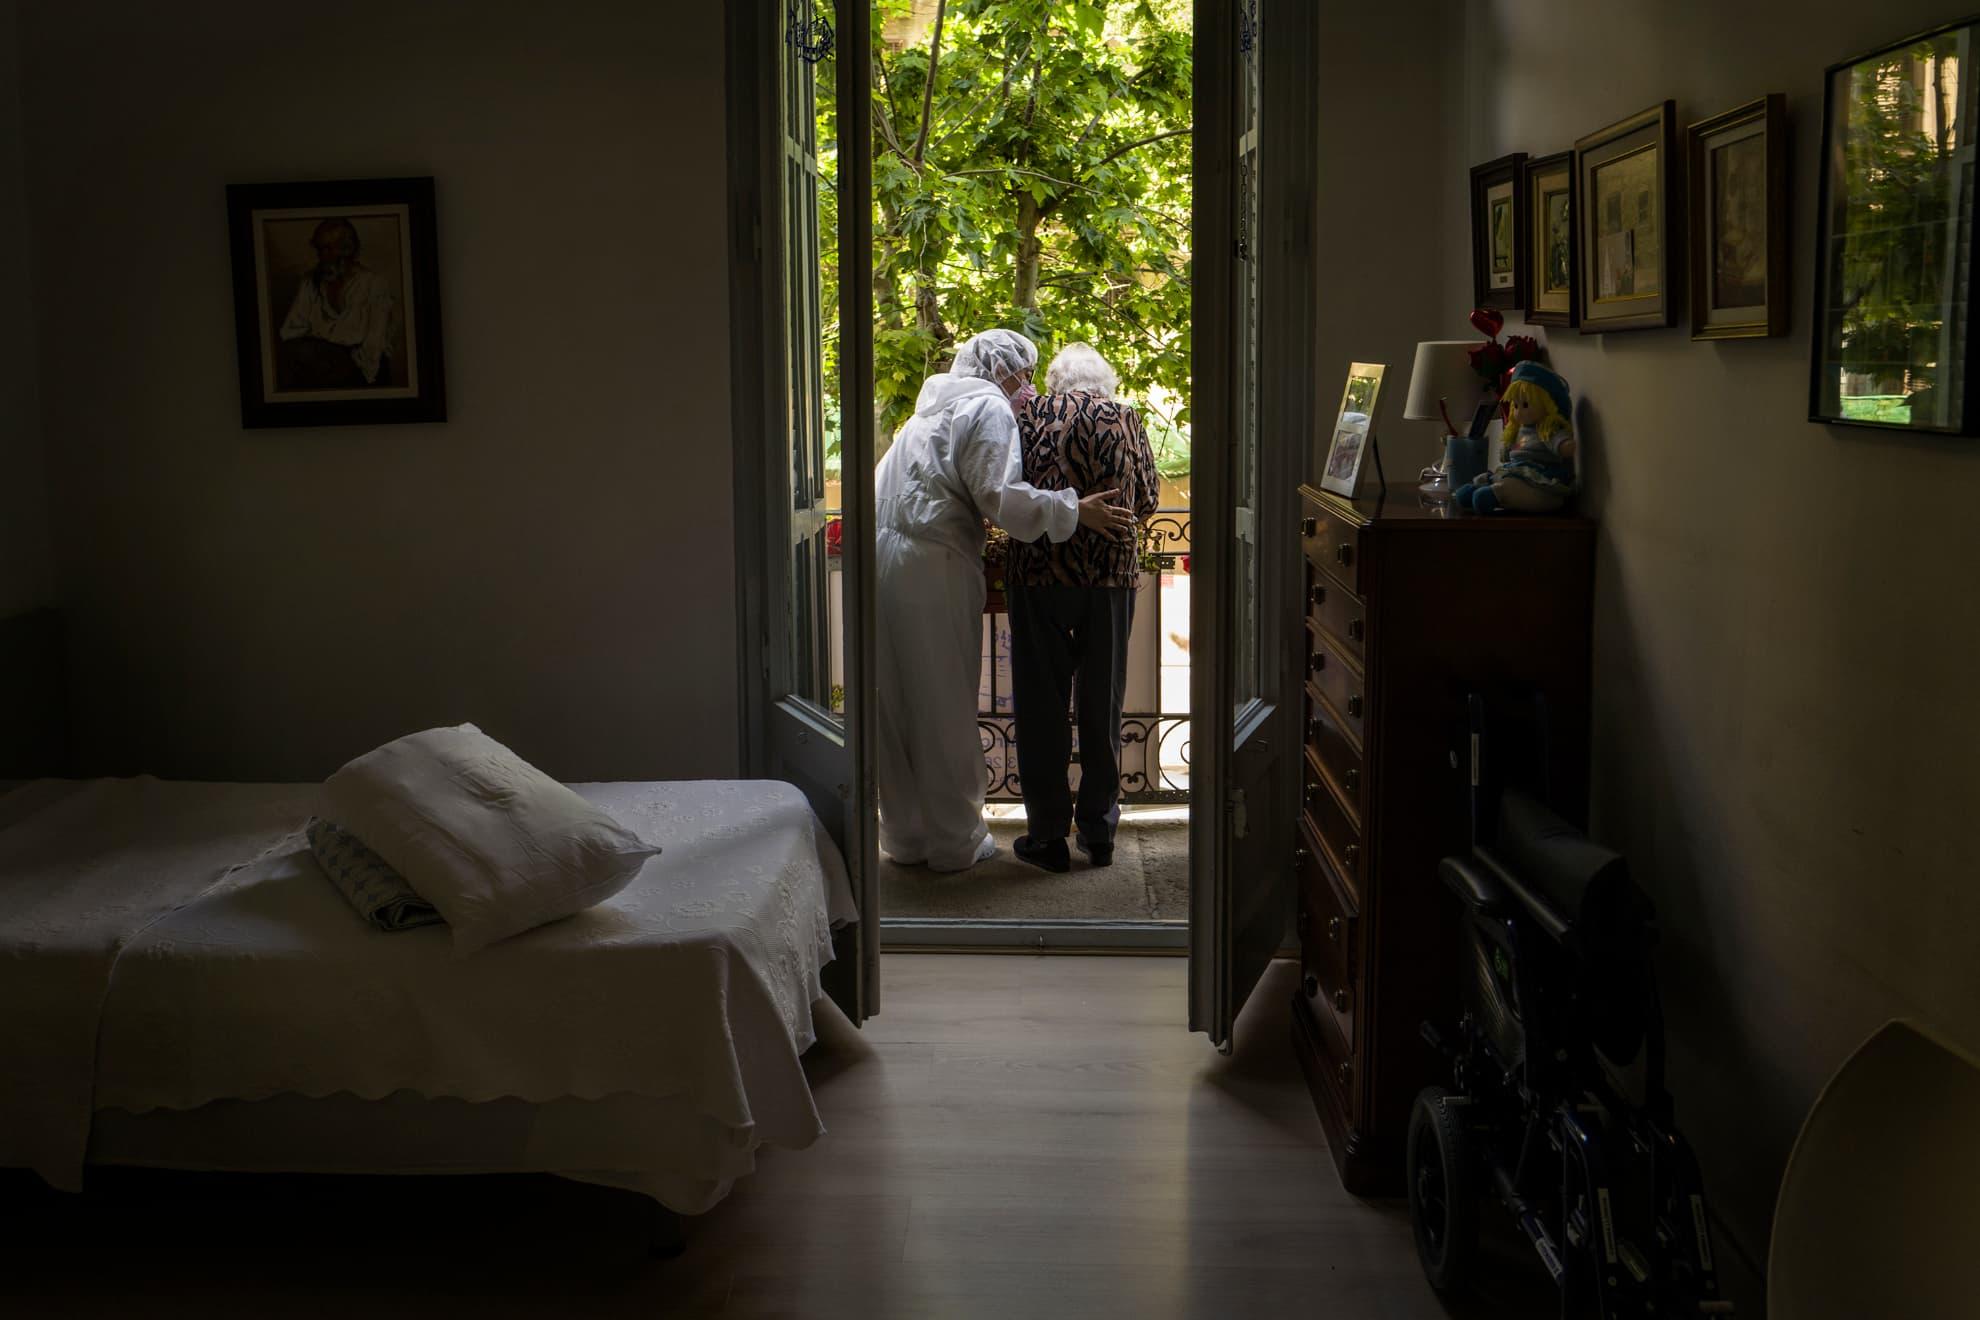 La señora Carmina se comunica con su hija a través del balcón. Su hija se encuentra en la calle, pero en estos momentos es muy gratificante poder ver y comunicarte con tus seres queridos. Centro Geriátrico Gure Etxea, Barcelona.